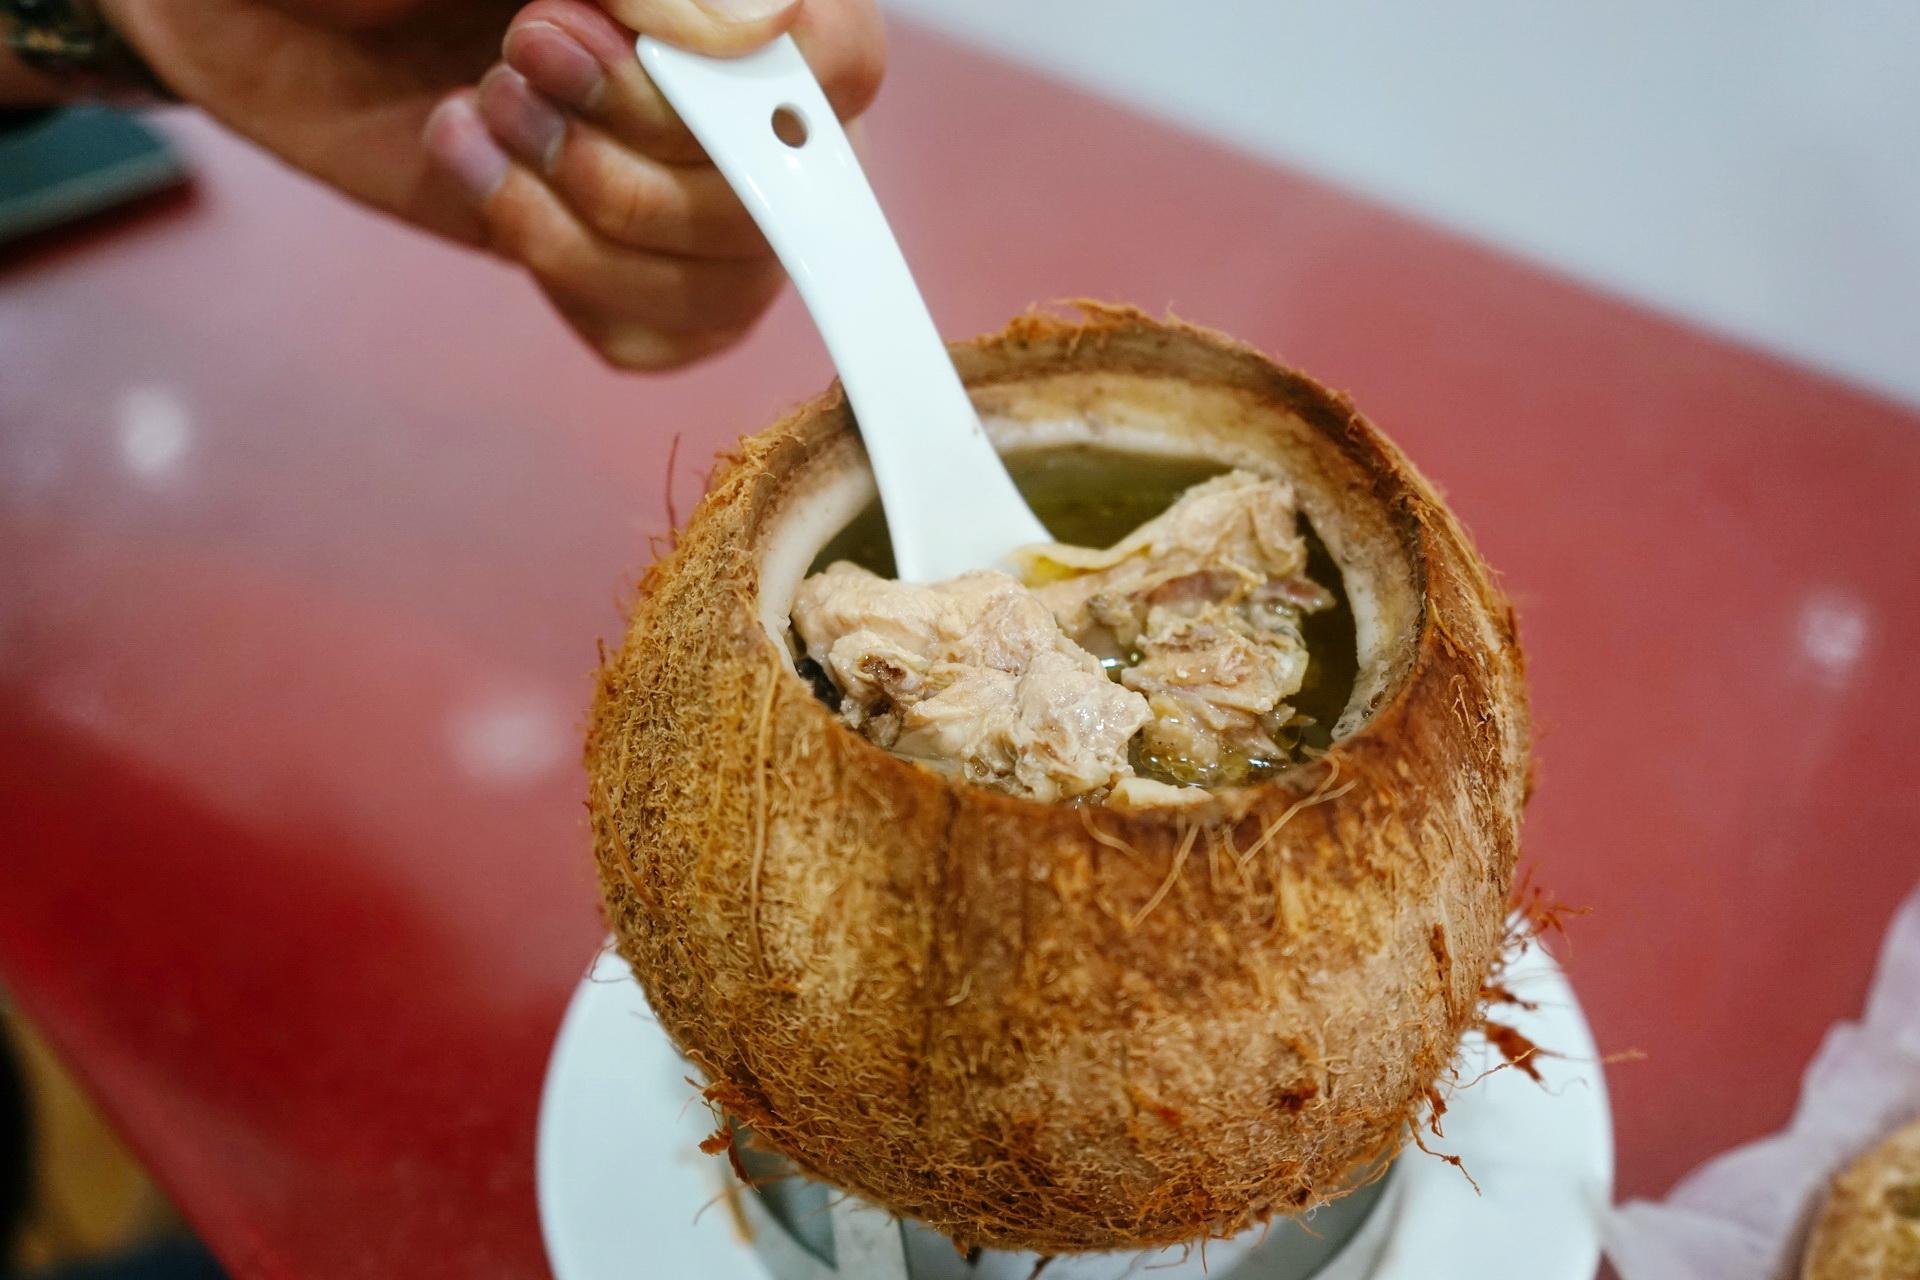 来自海南的美味!这间椰子炖品店你一定不能错过!